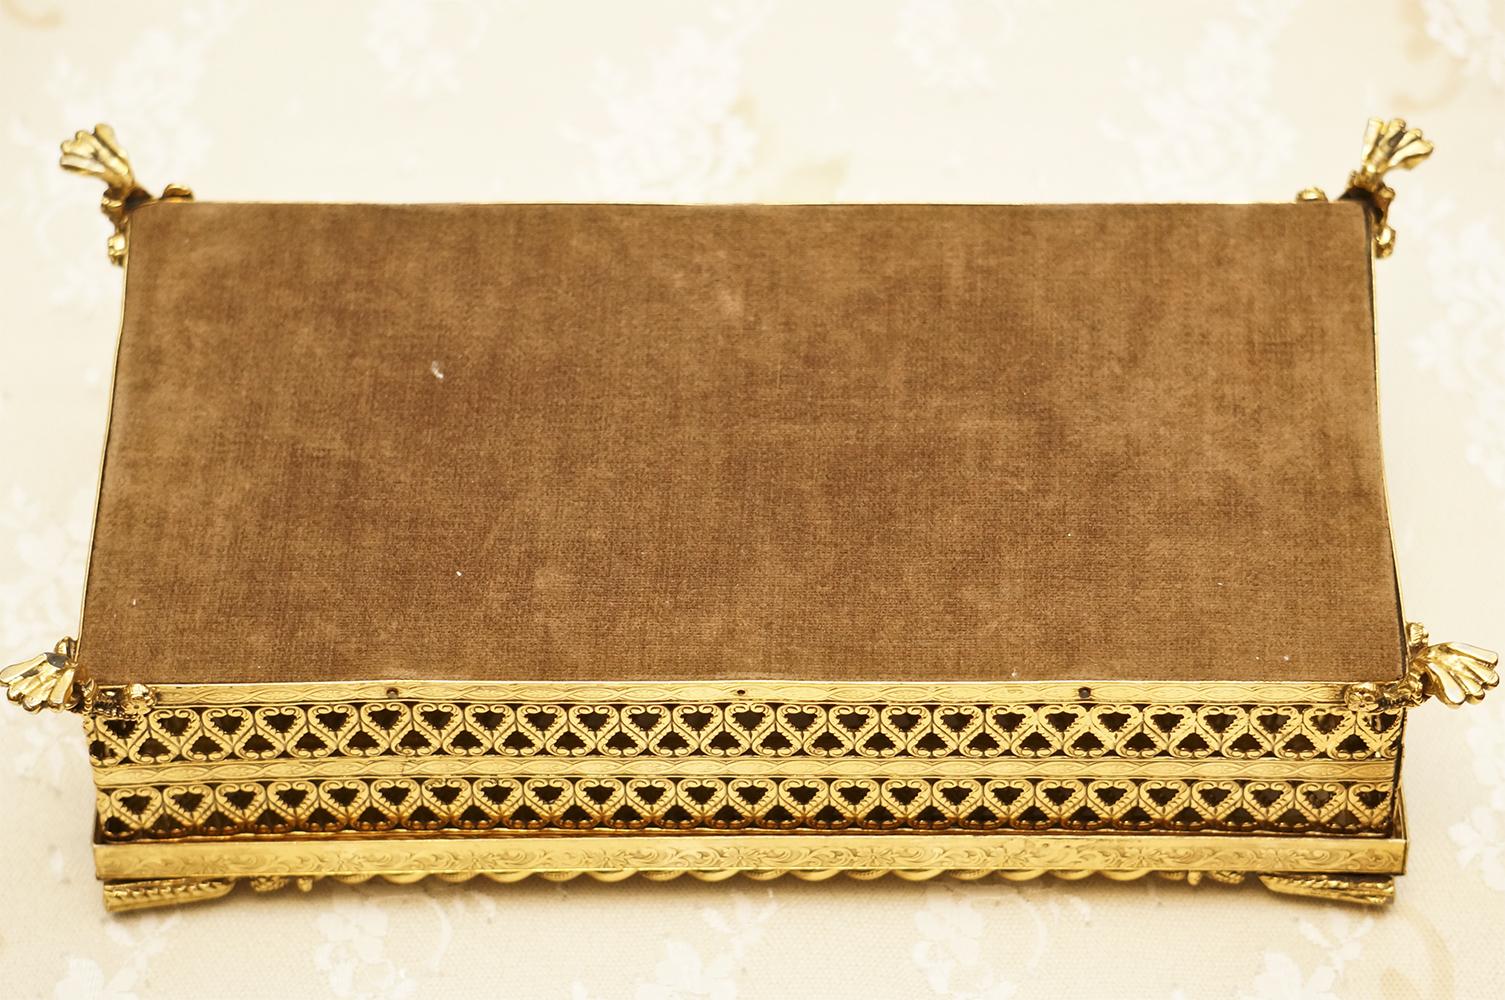 スタイルビルト製 ゴールド ロープ ティッシュボックス 裏側